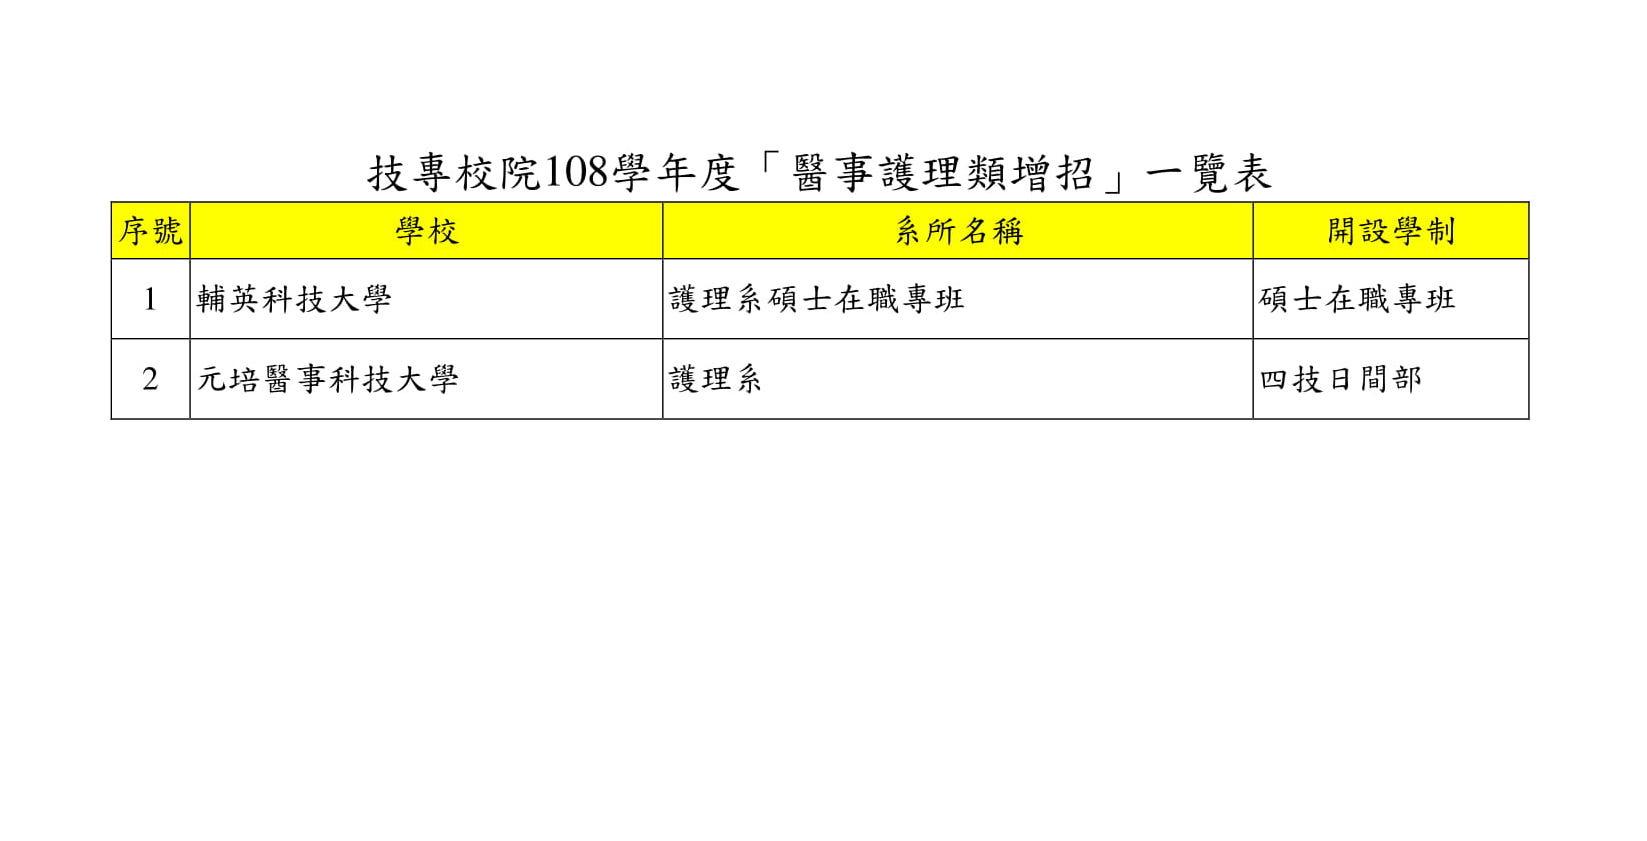 技專校院108學年度「醫事護理類增招」一覽表